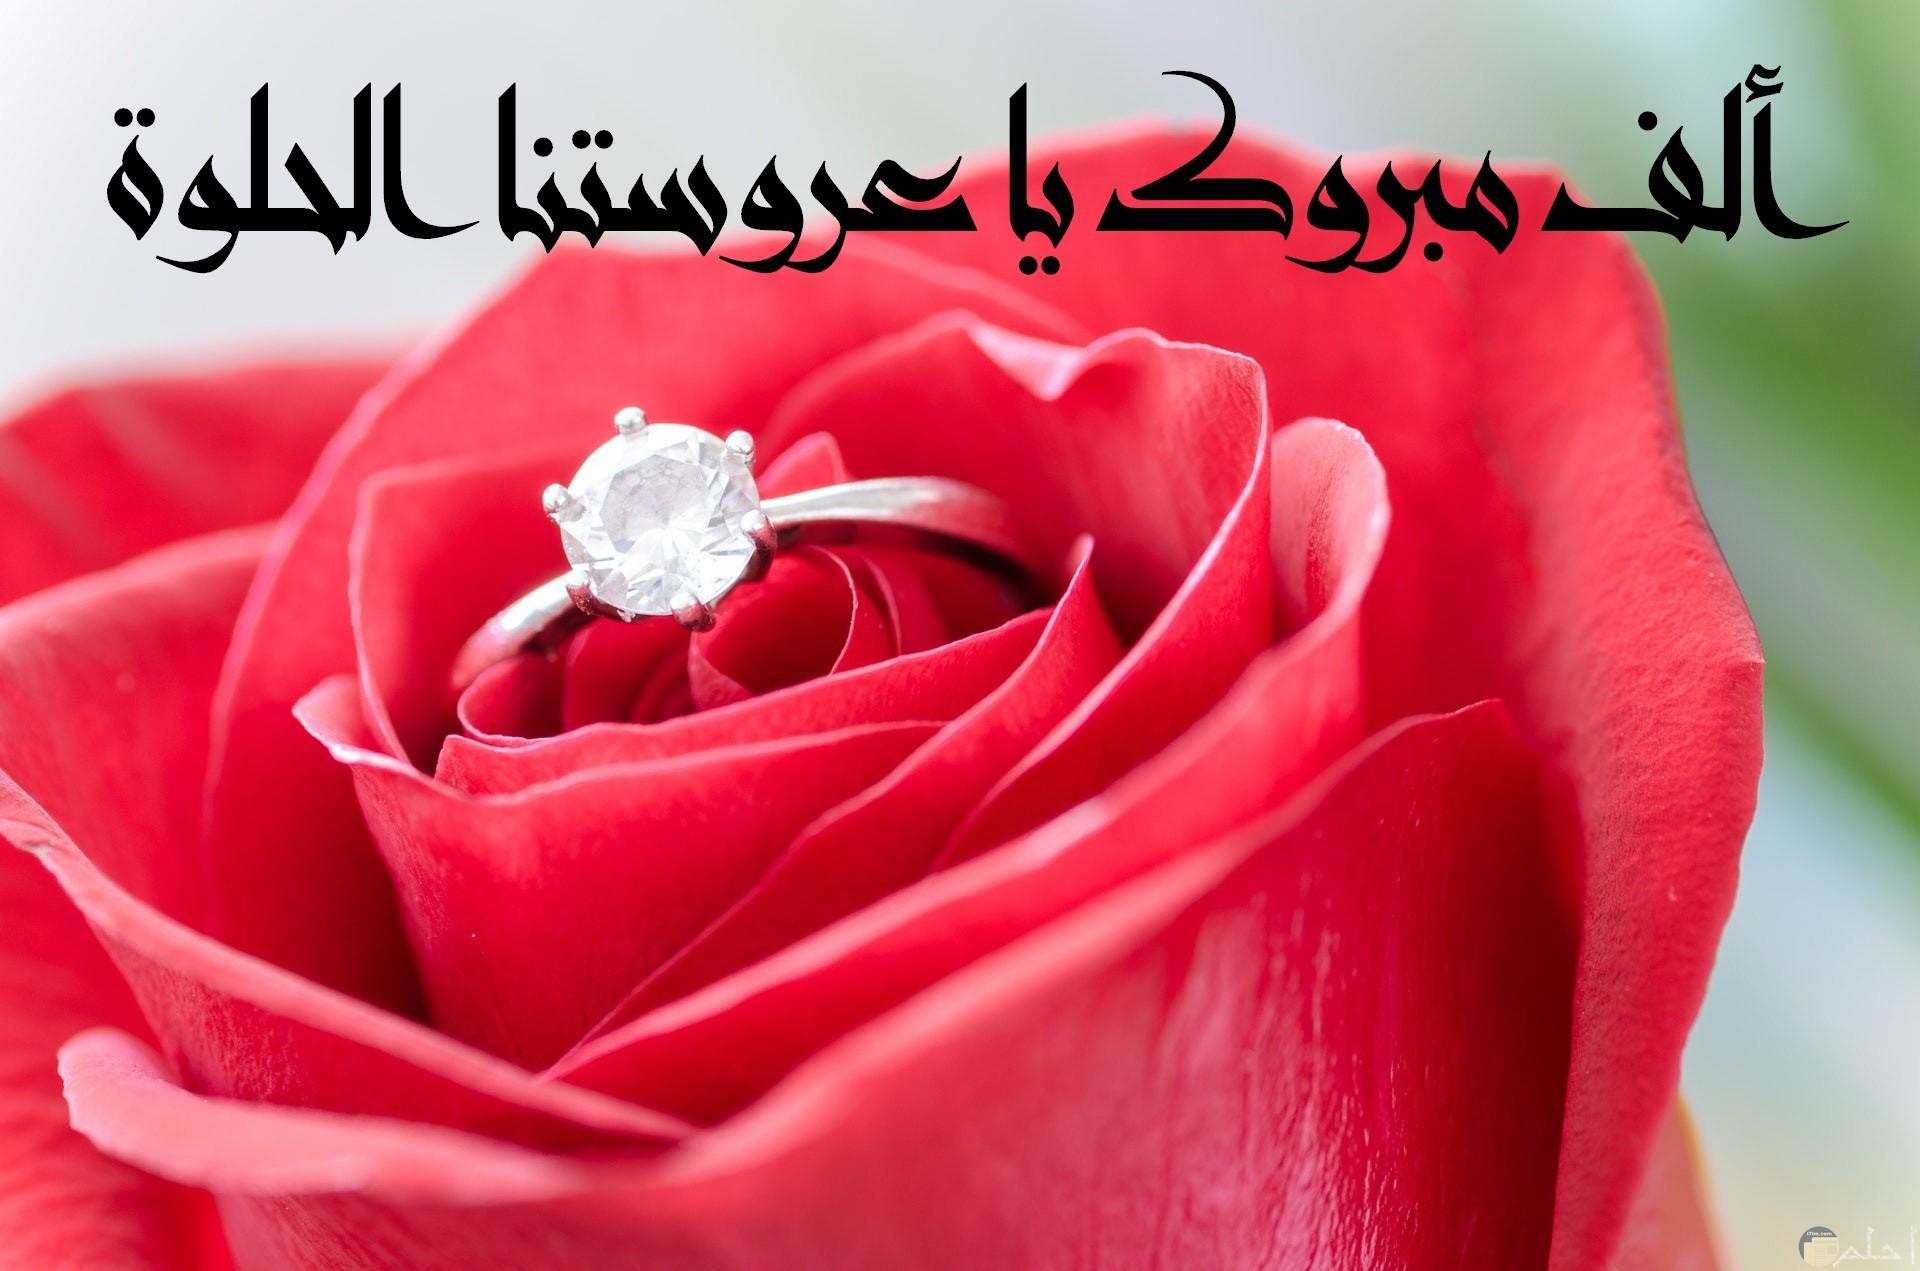 صورة تهنئة جميلة جدا للأفراح مكتوب عليها ألف مبروك لعروستنا الحلوة وخاتم حلو داخل وردة حمراء